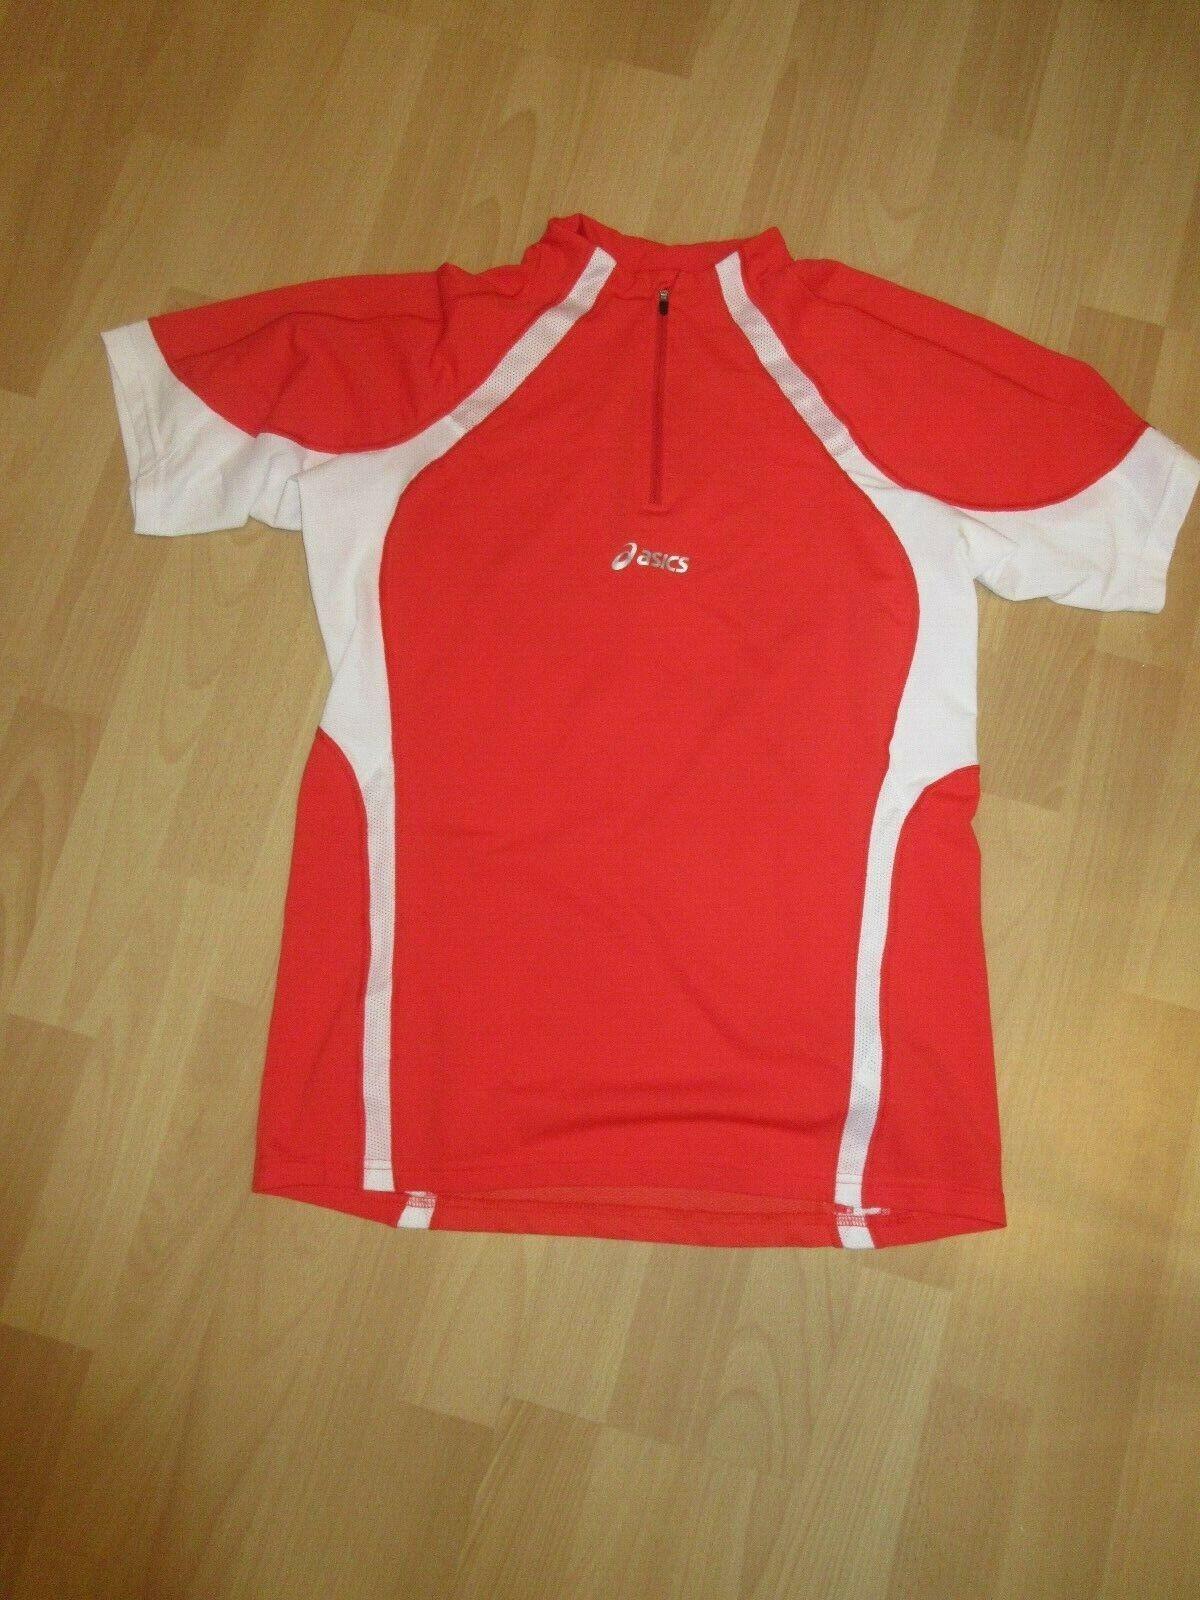 Asics Laufshirt 1 2 zip Halfzip Laufshirt shortsleeve shirt rot weiss Gr. M